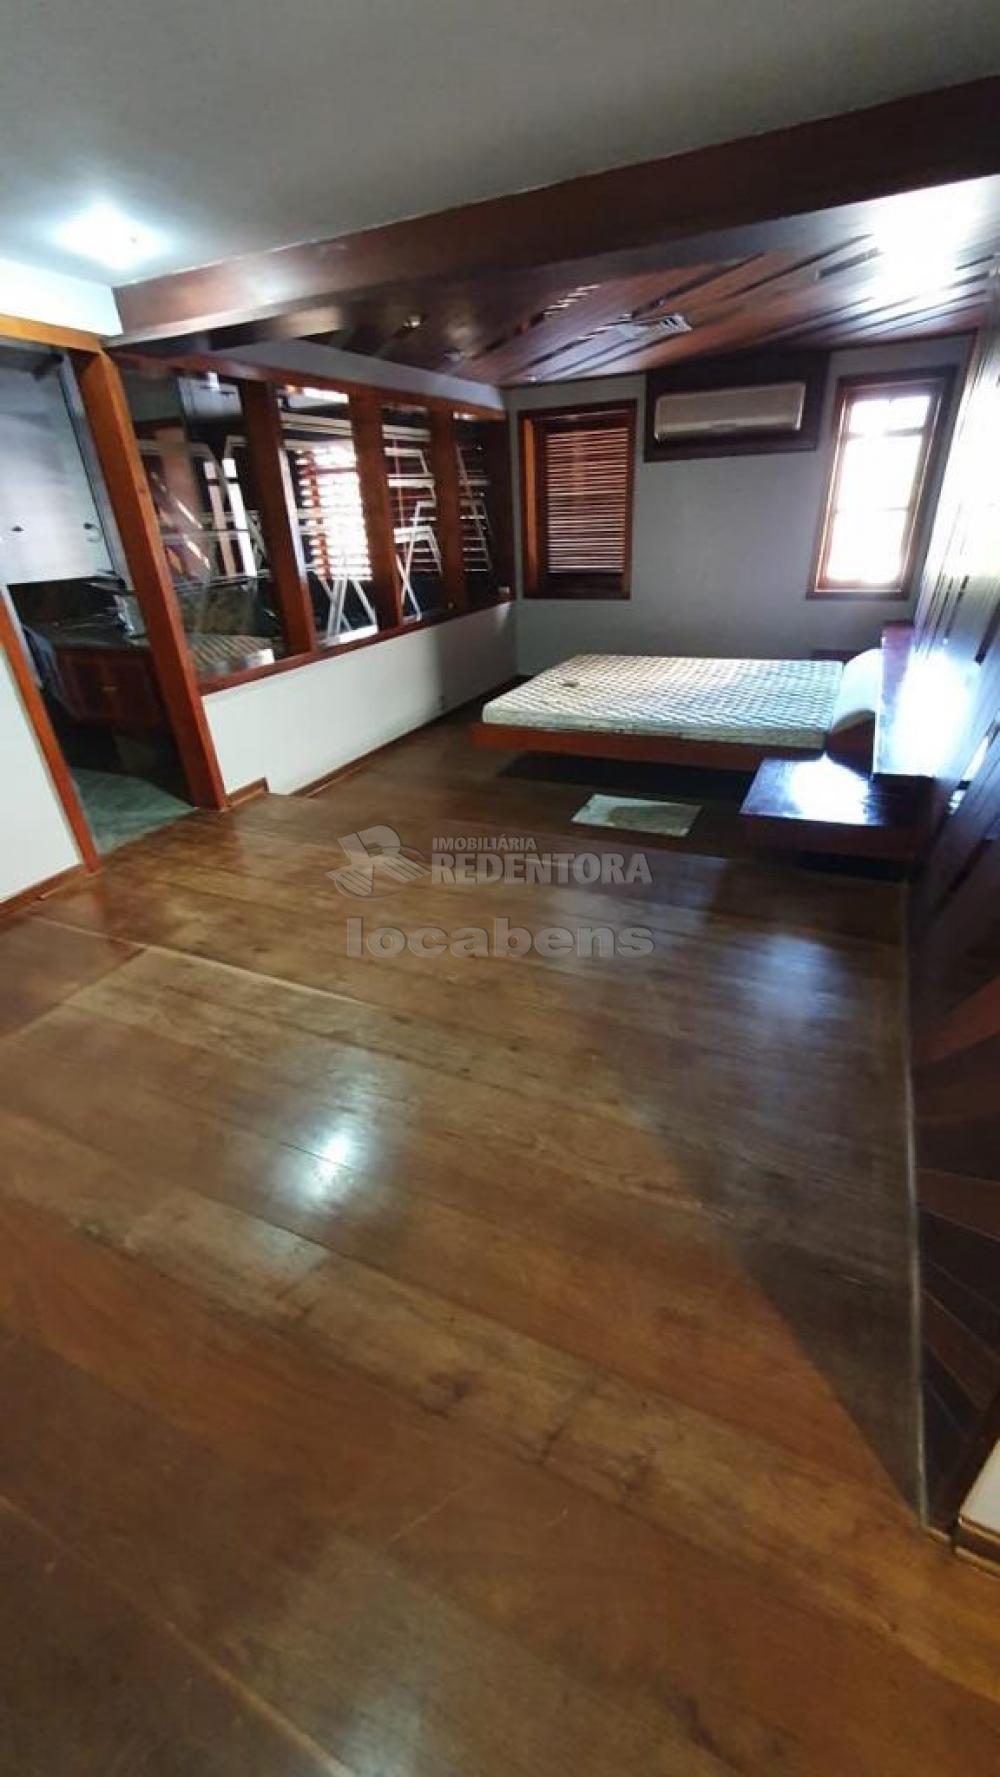 Comprar Casa / Condomínio em São José do Rio Preto R$ 3.500.000,00 - Foto 51